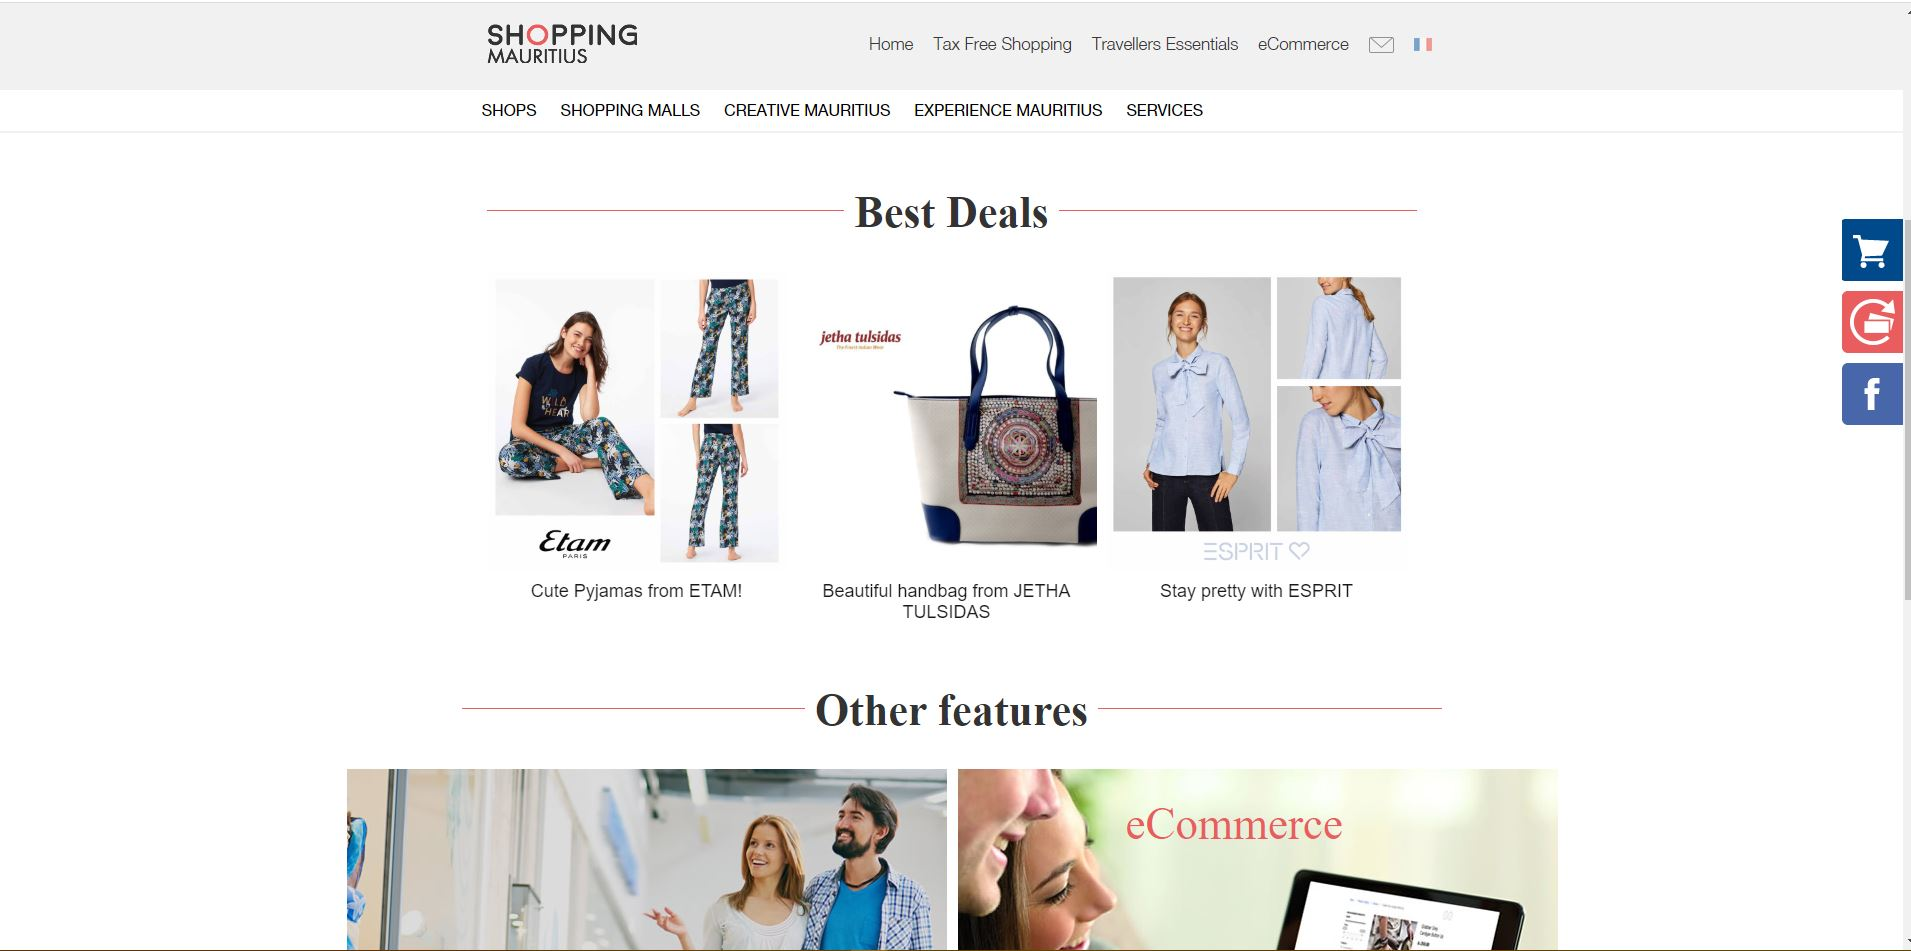 Shopping-Mauritius-Digital-Marketing-Mauritius-Ecommerce